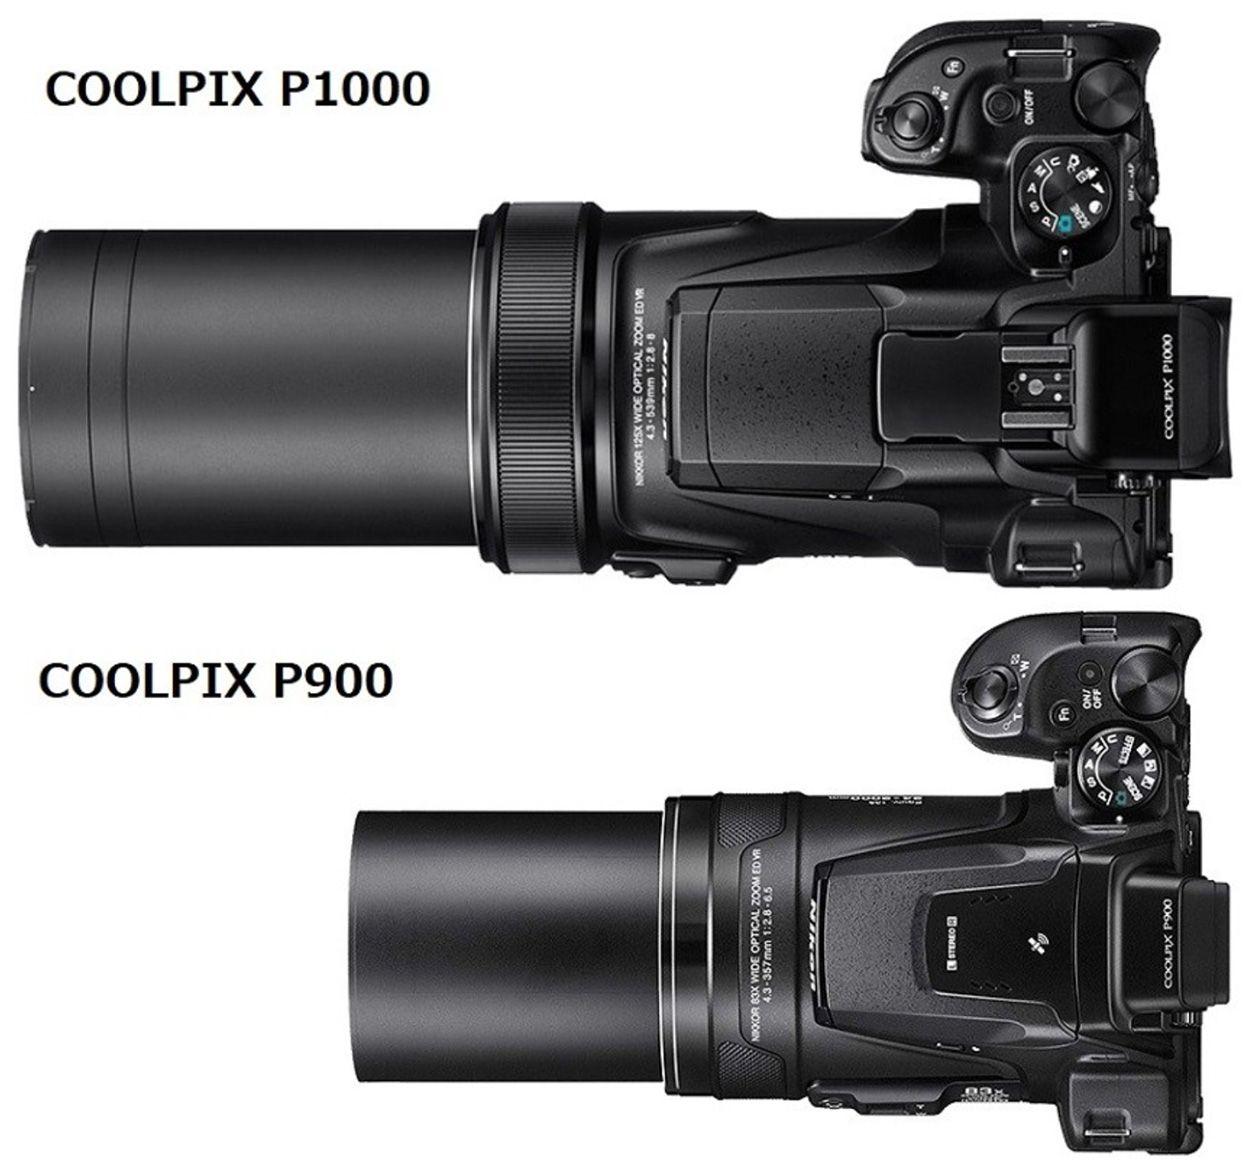 Nikon Coolpix P1000 Vs Nikon Coolpix P900 Specifications Comparison Nikon Rumors Coolpix P900 Nikon Coolpix P900 Photography Nikon Coolpix P900